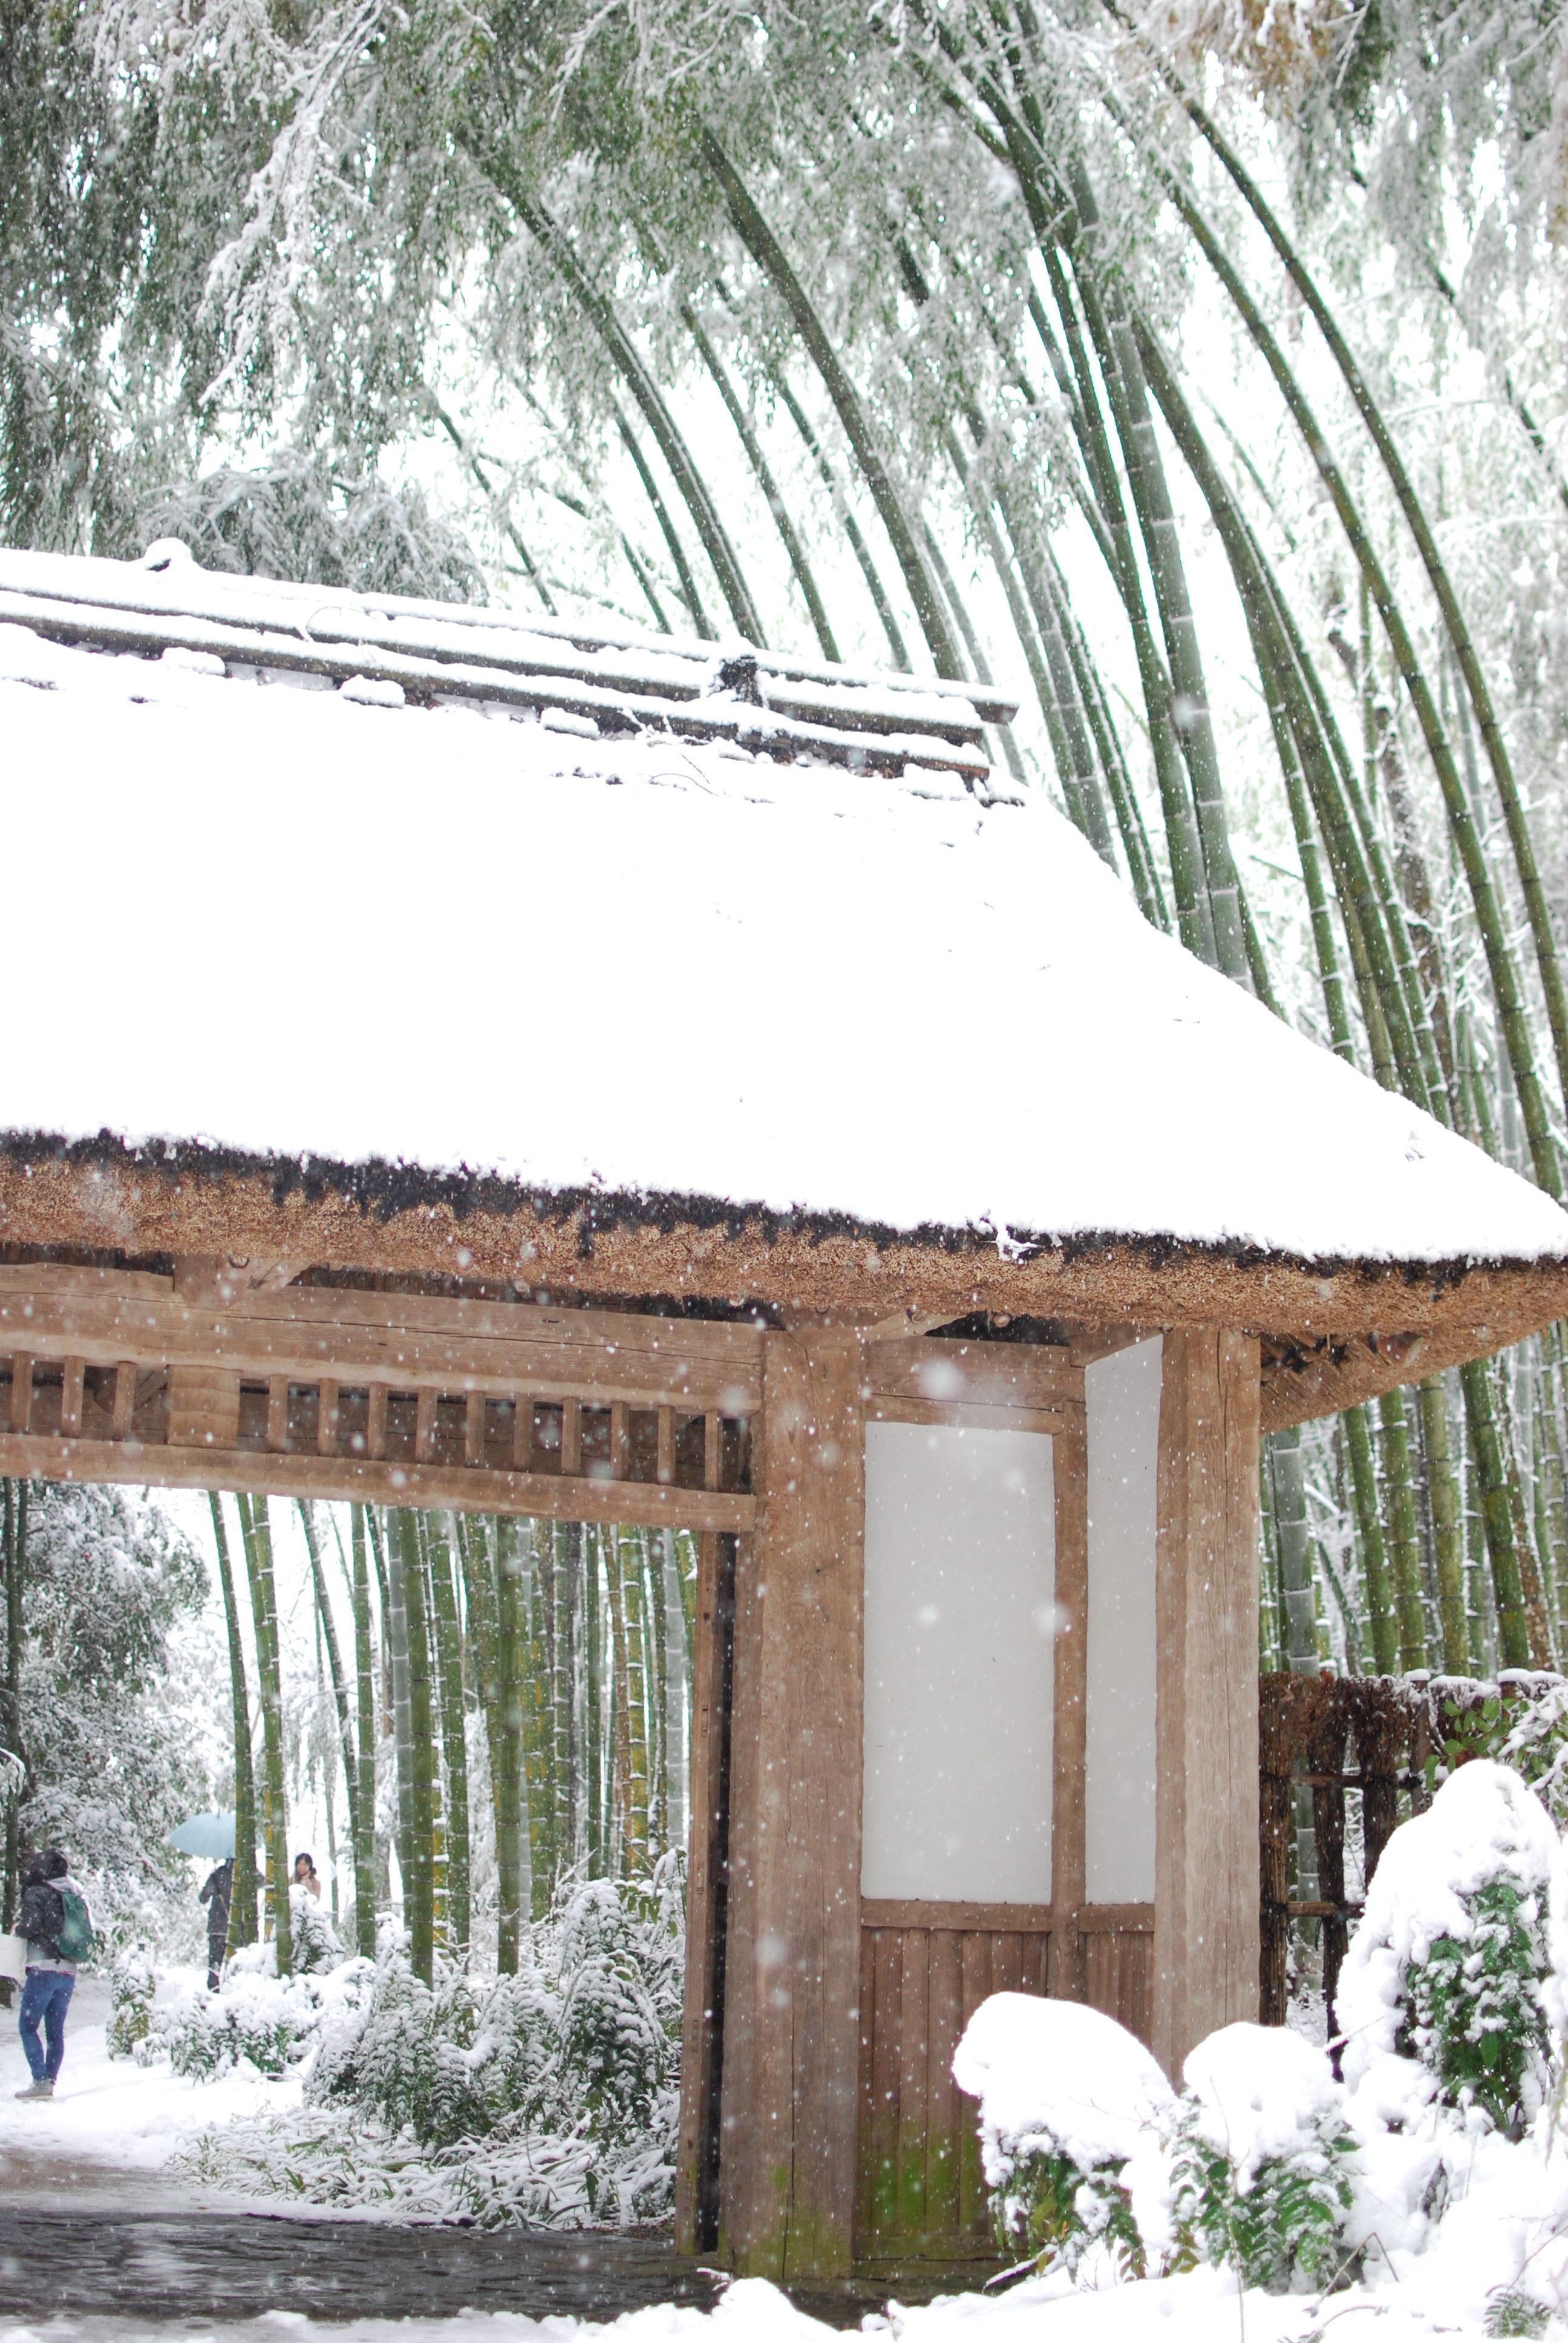 今年最後の雪かな!?